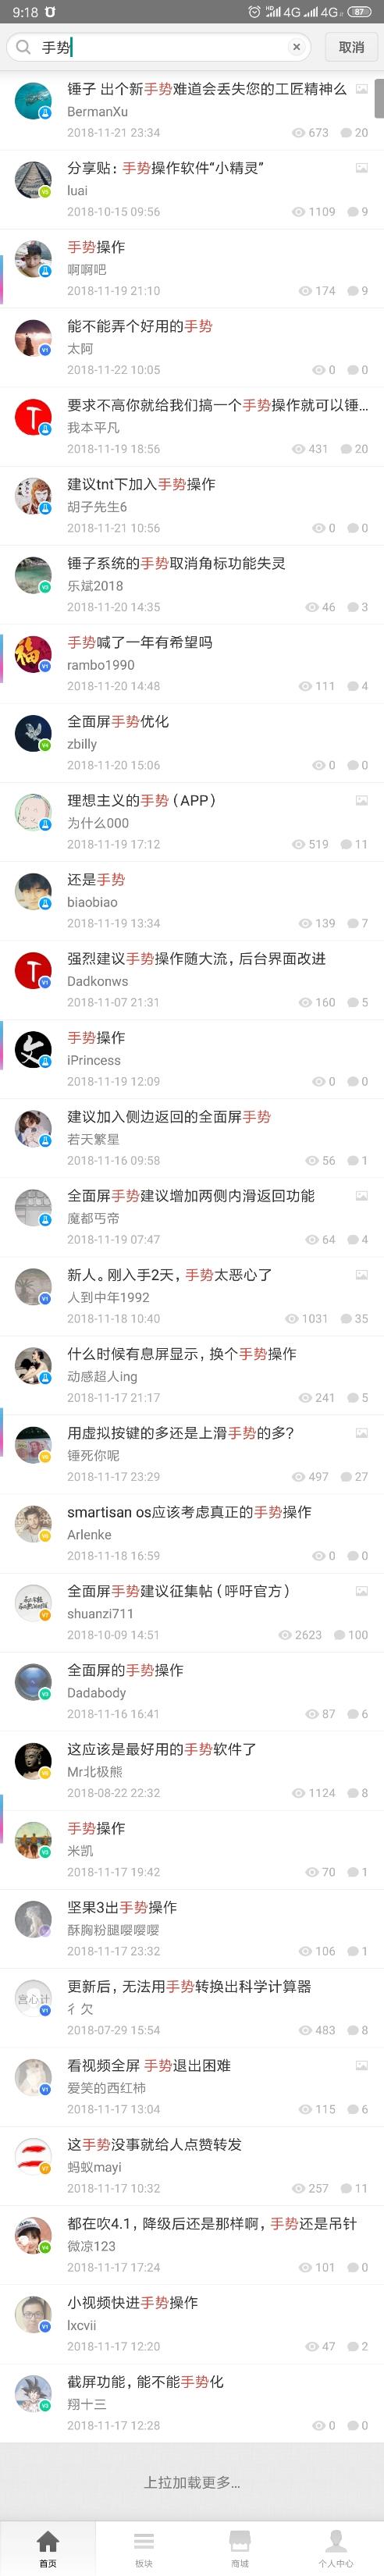 Screenshot_2018-11-23-09-18-03-220_com.smartisan.bbs.png